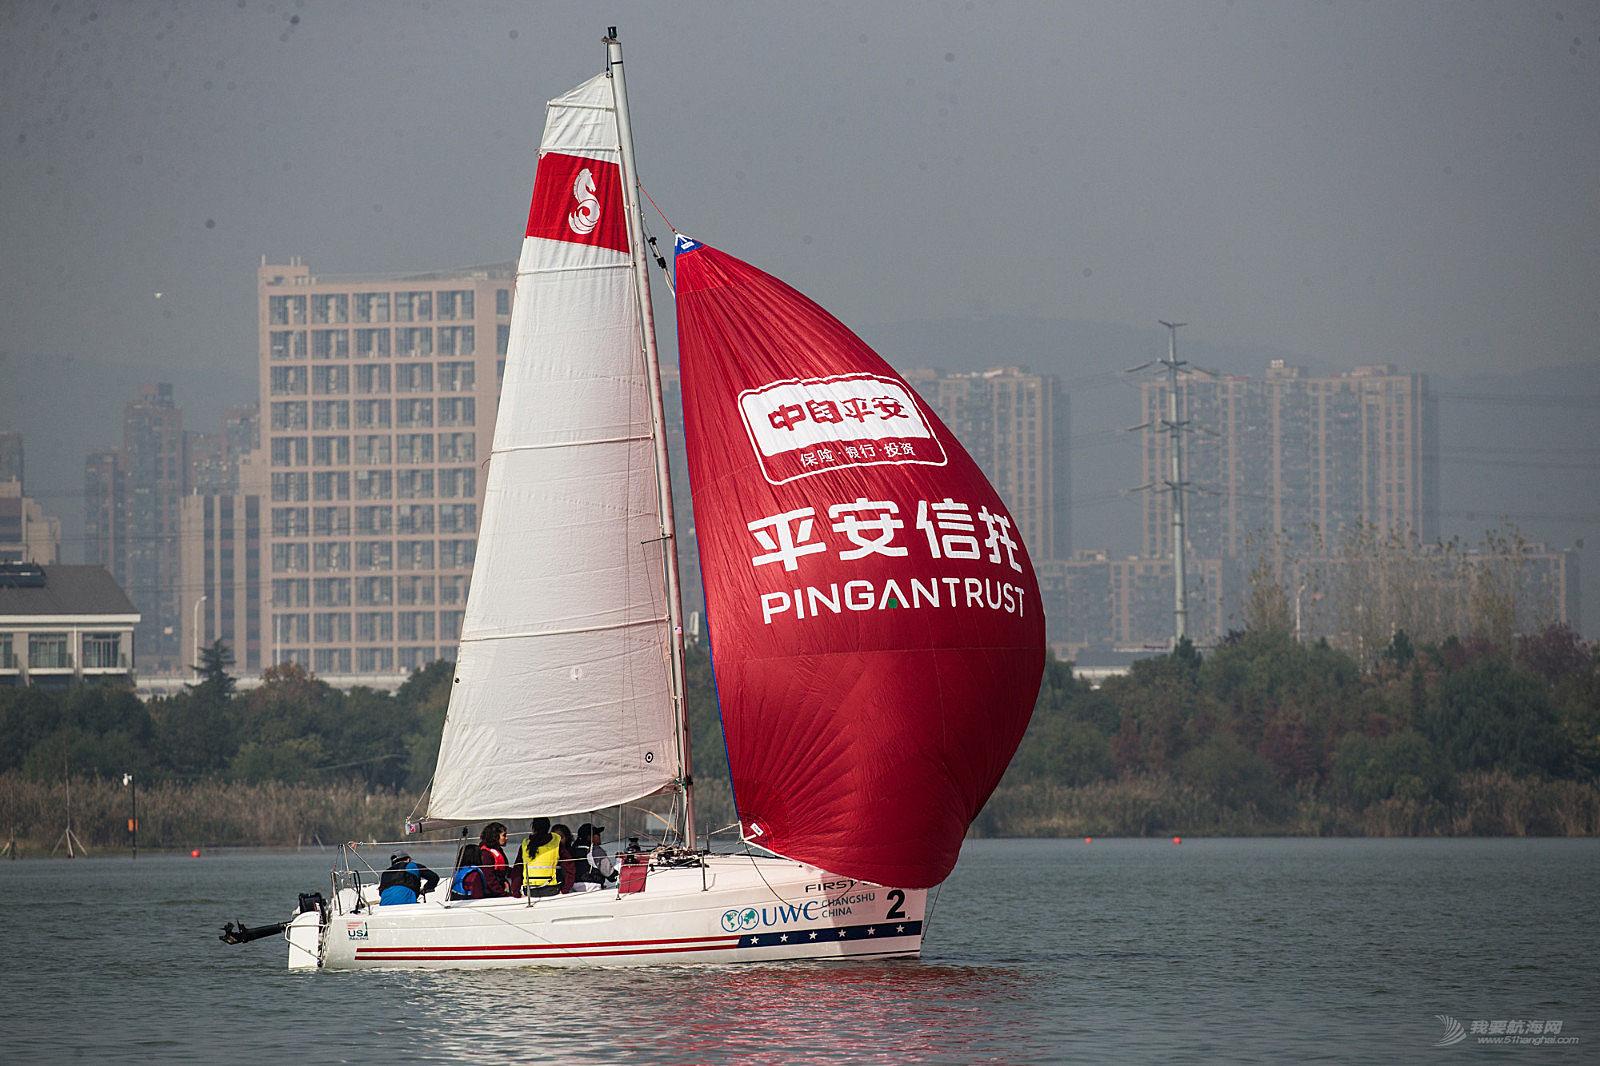 学校里举办帆船比赛?常熟世界联合学院做到了!